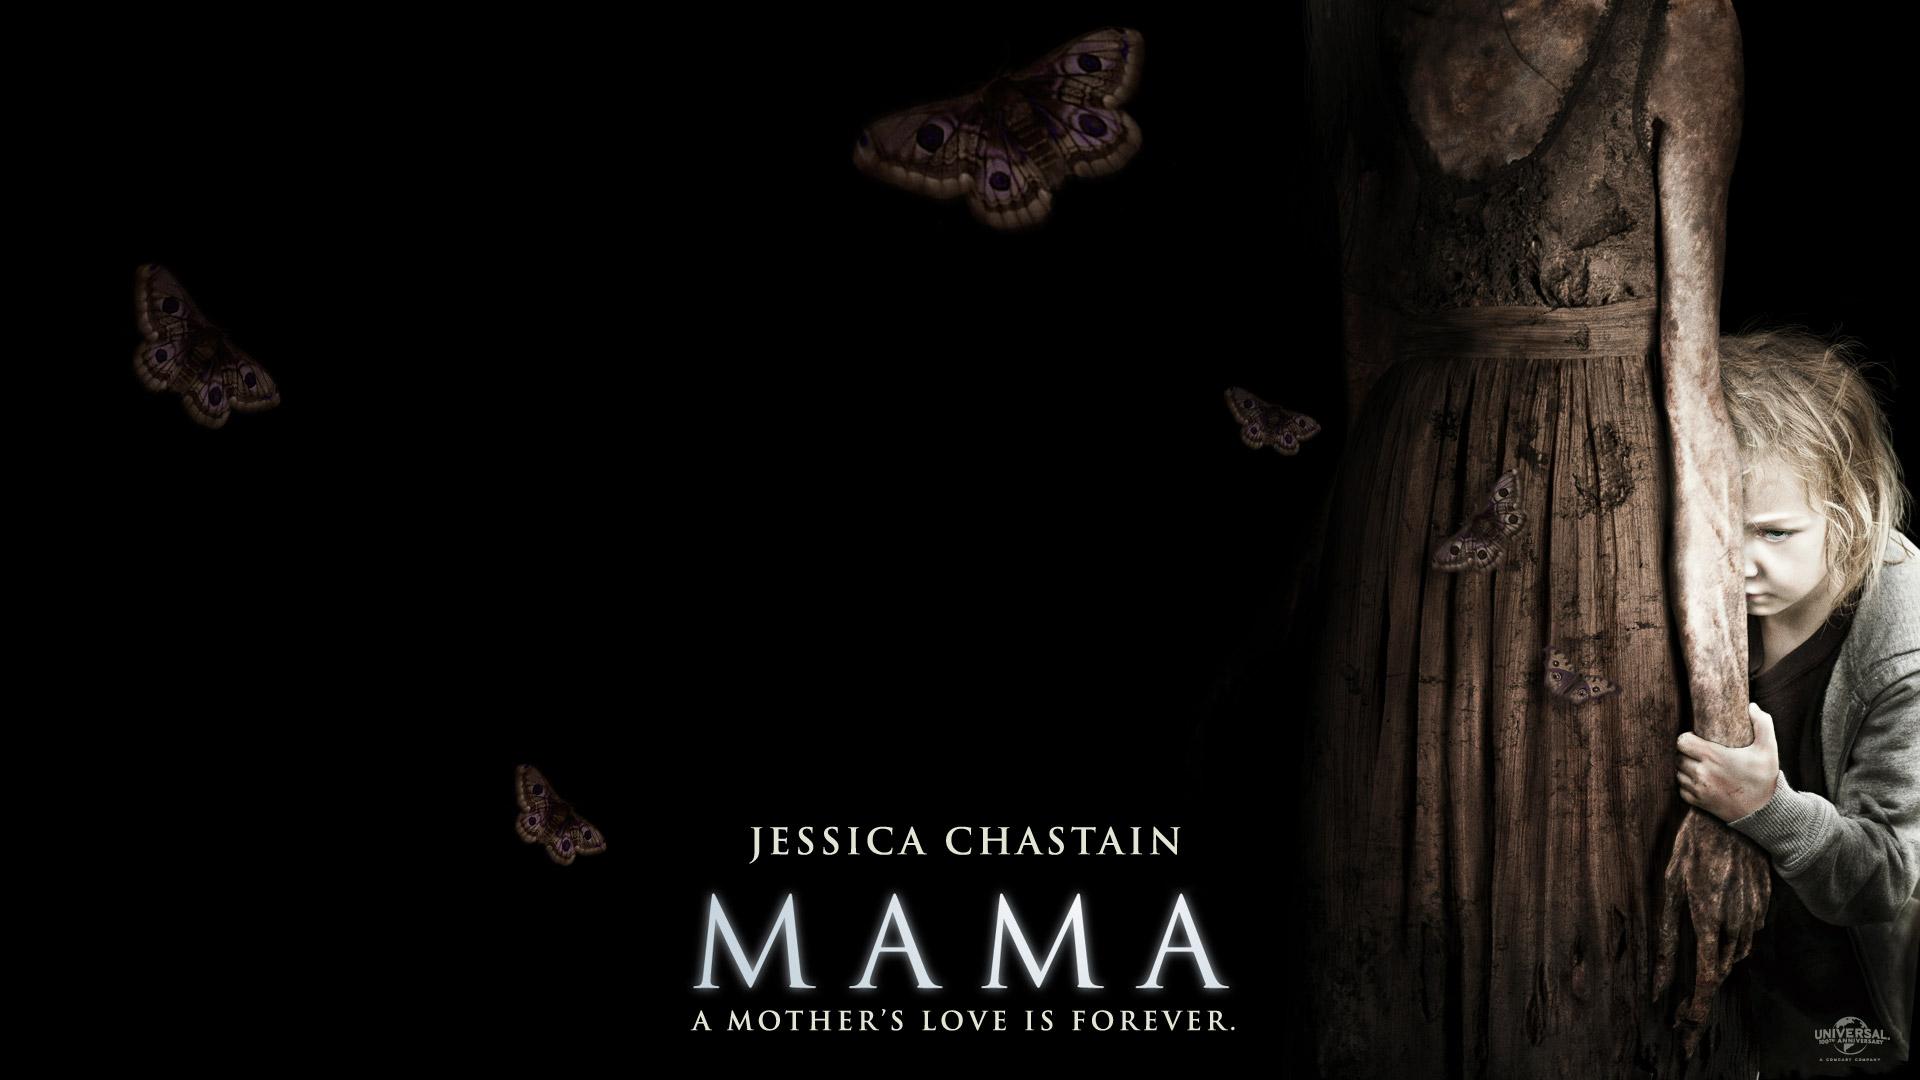 تحميل فيلم الرعب و الاثارة Mama 2013 مترجم بجودة 720p BluRay كامل